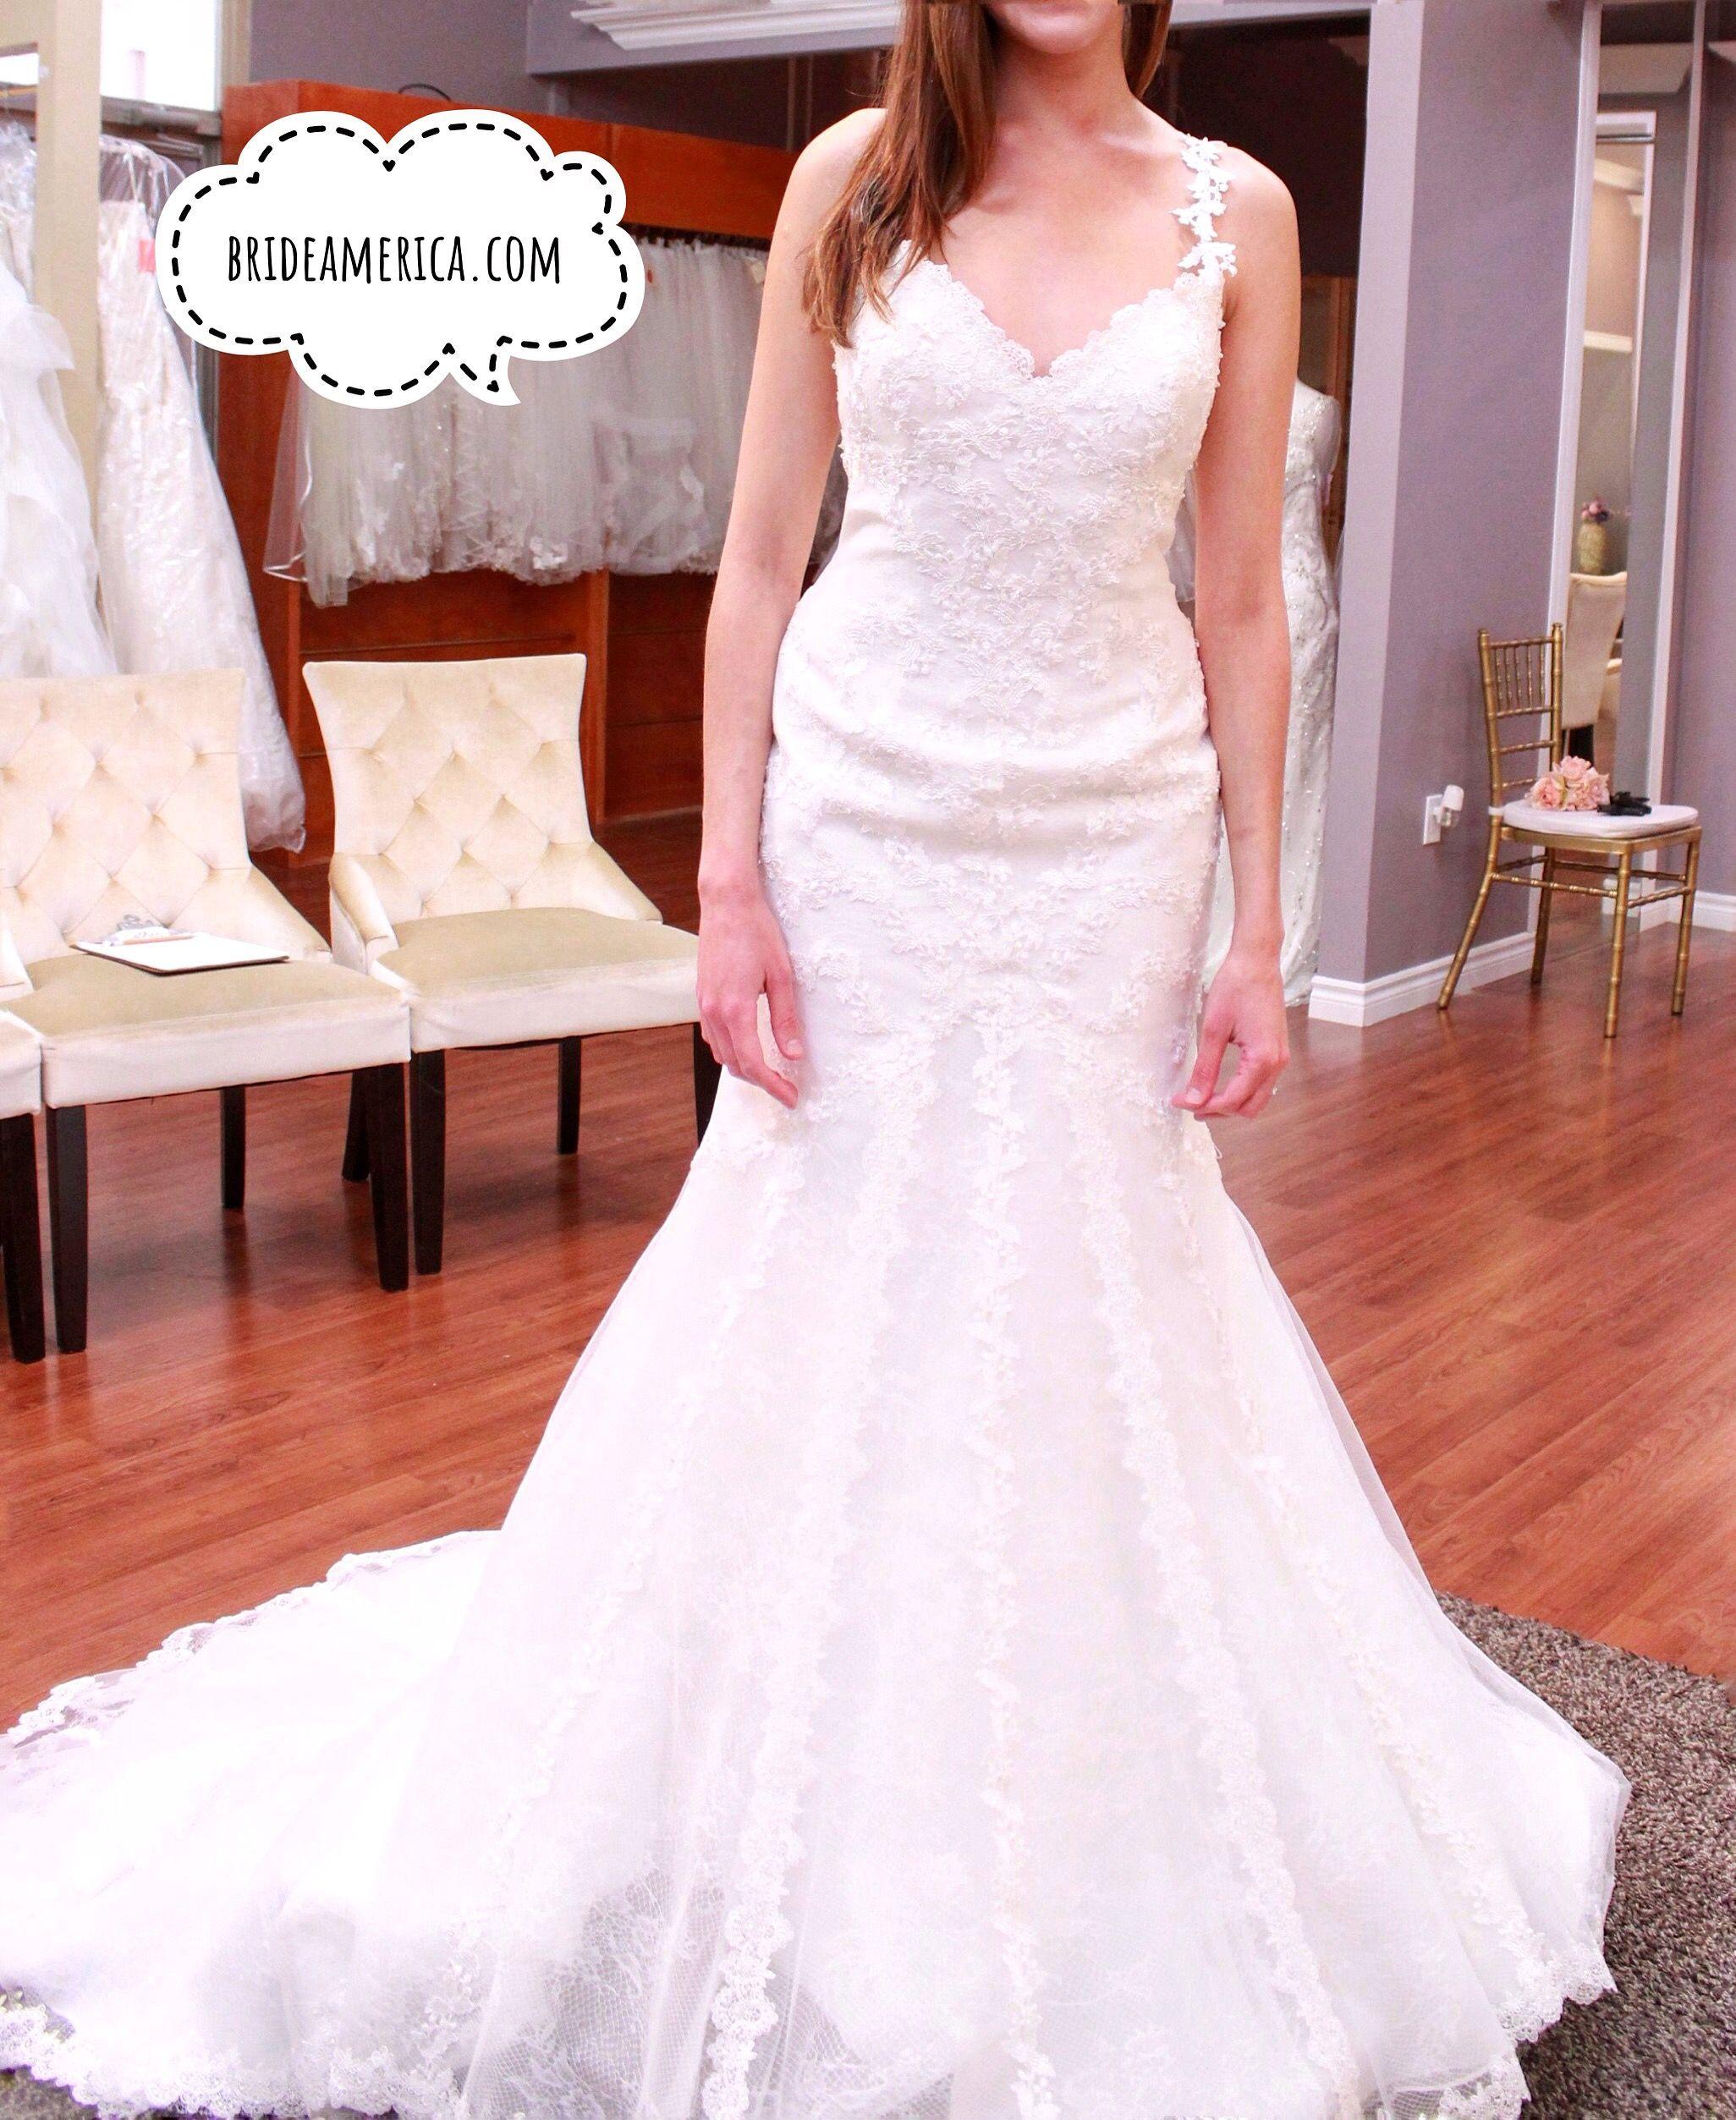 Wedding Gowns San Diego  Wedding Dress at Bridal and Veil in San Diego California